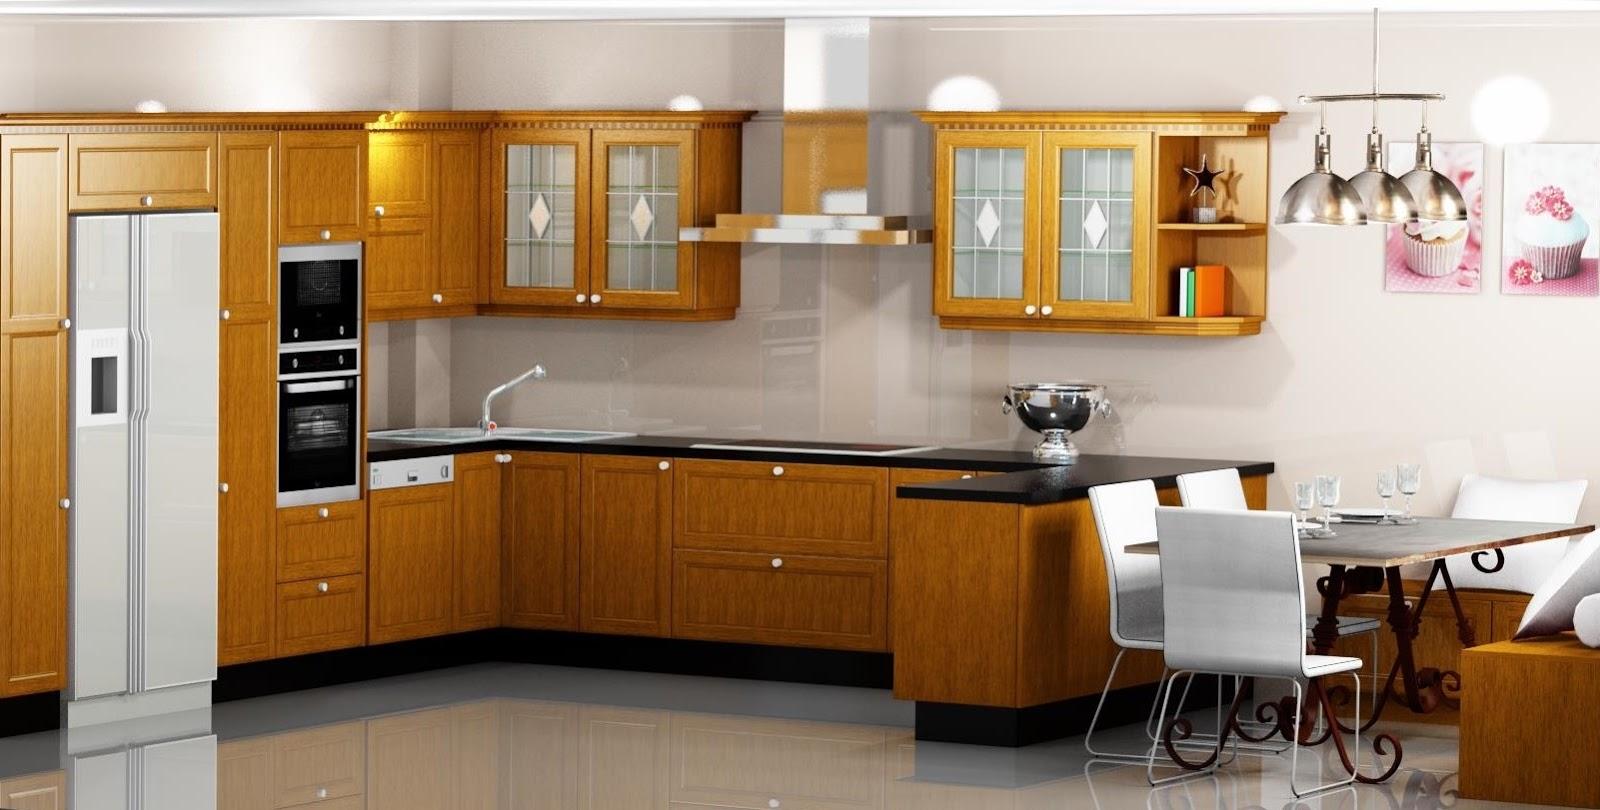 Proyectos y m s 8 cocina comedor en madera de roble for Muebles modernos para cocina comedor